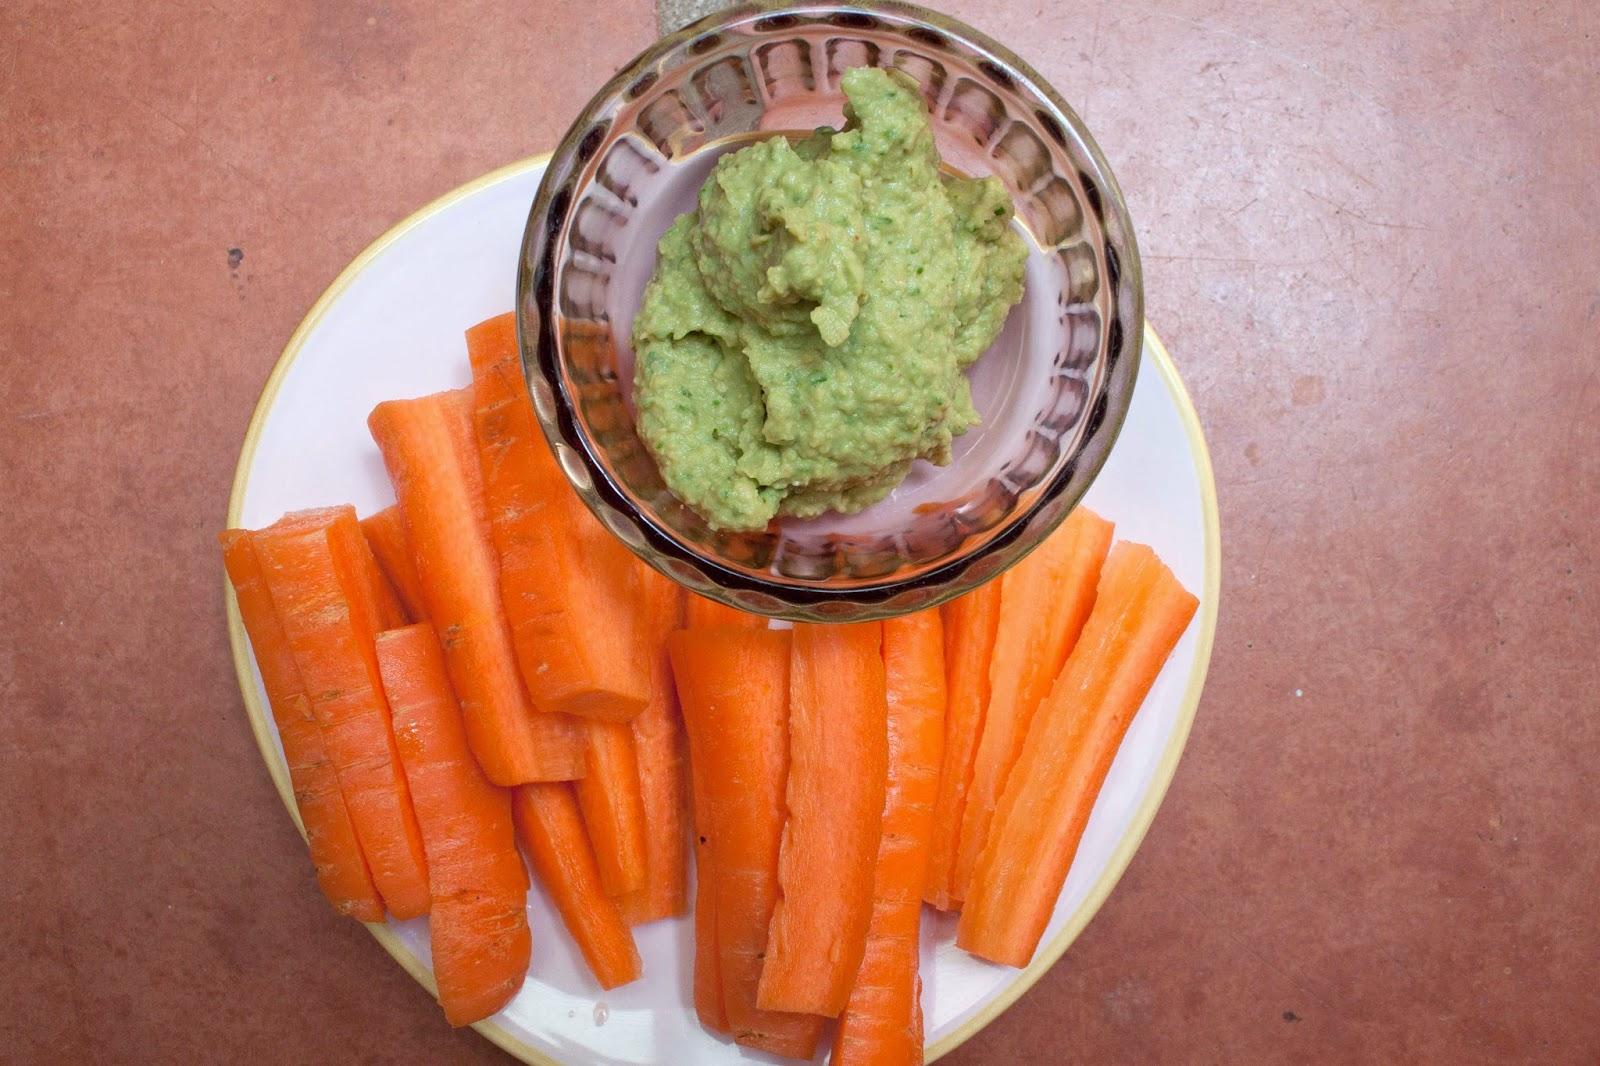 FOOD : QUACAHOUMOUS RECIPE (QUACAMOLE HOUMOUS)